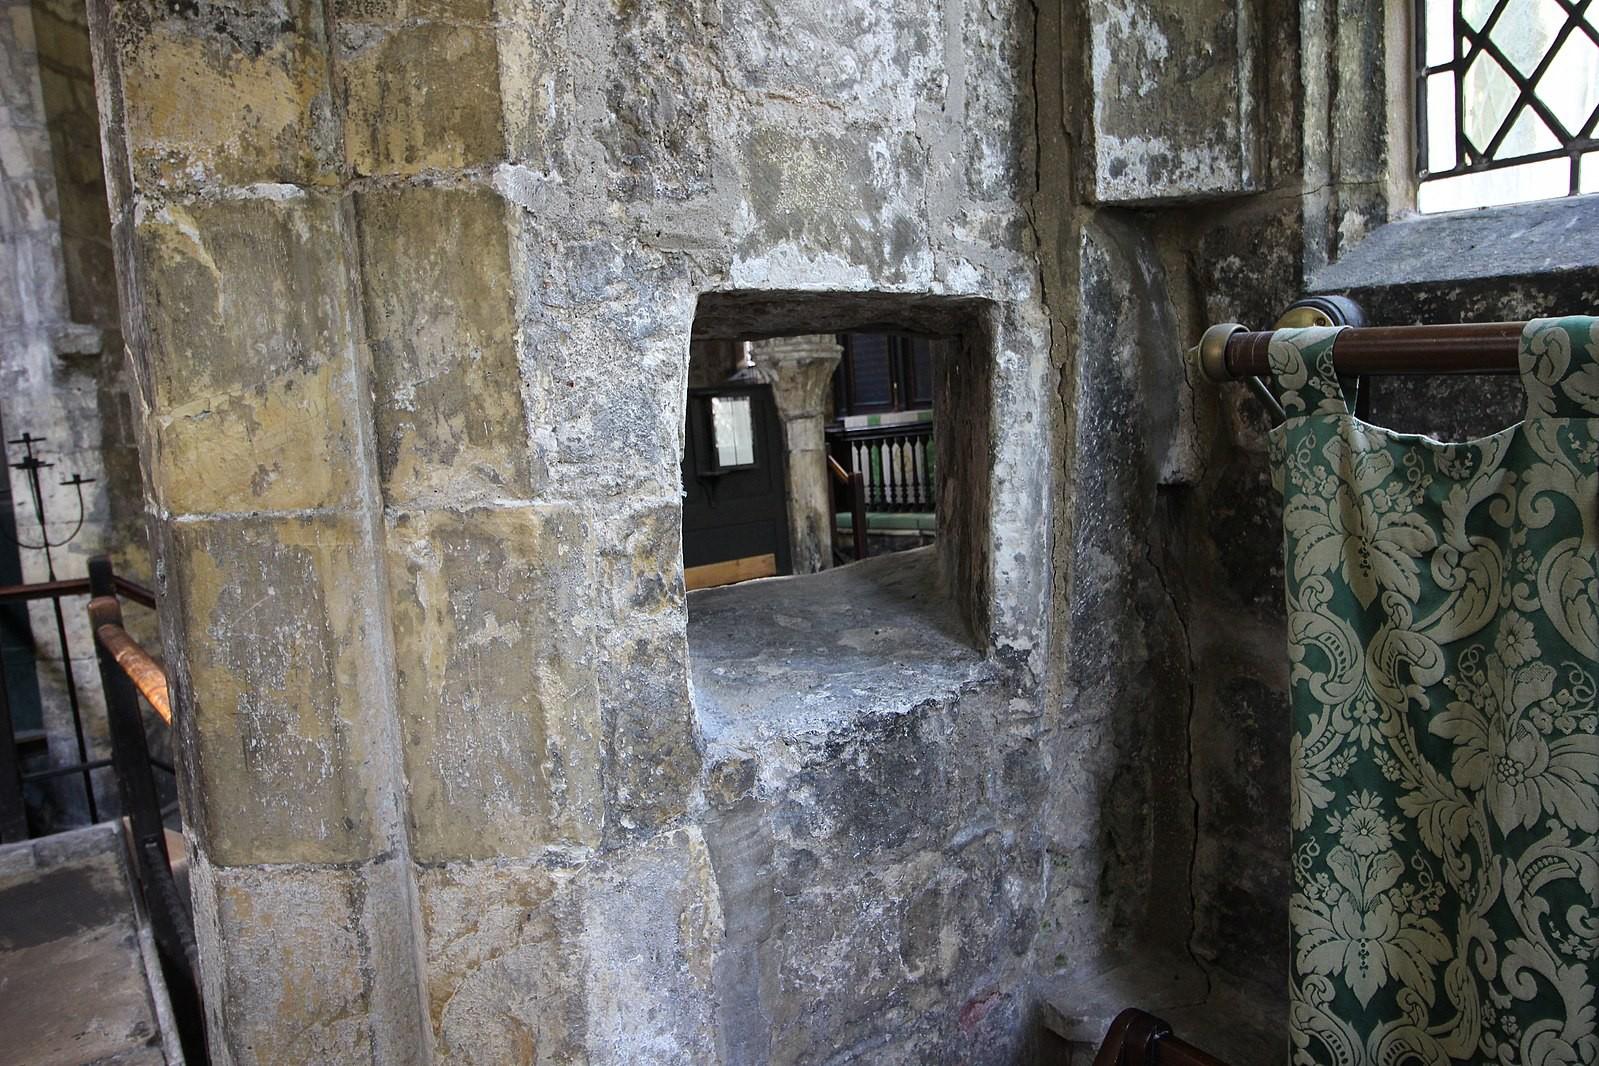 6 sự thật bất ngờ cho thấy thời Trung Cổ còn hấp dẫn hơn cả bối cảnh trong Game of Thrones - Ảnh 3.